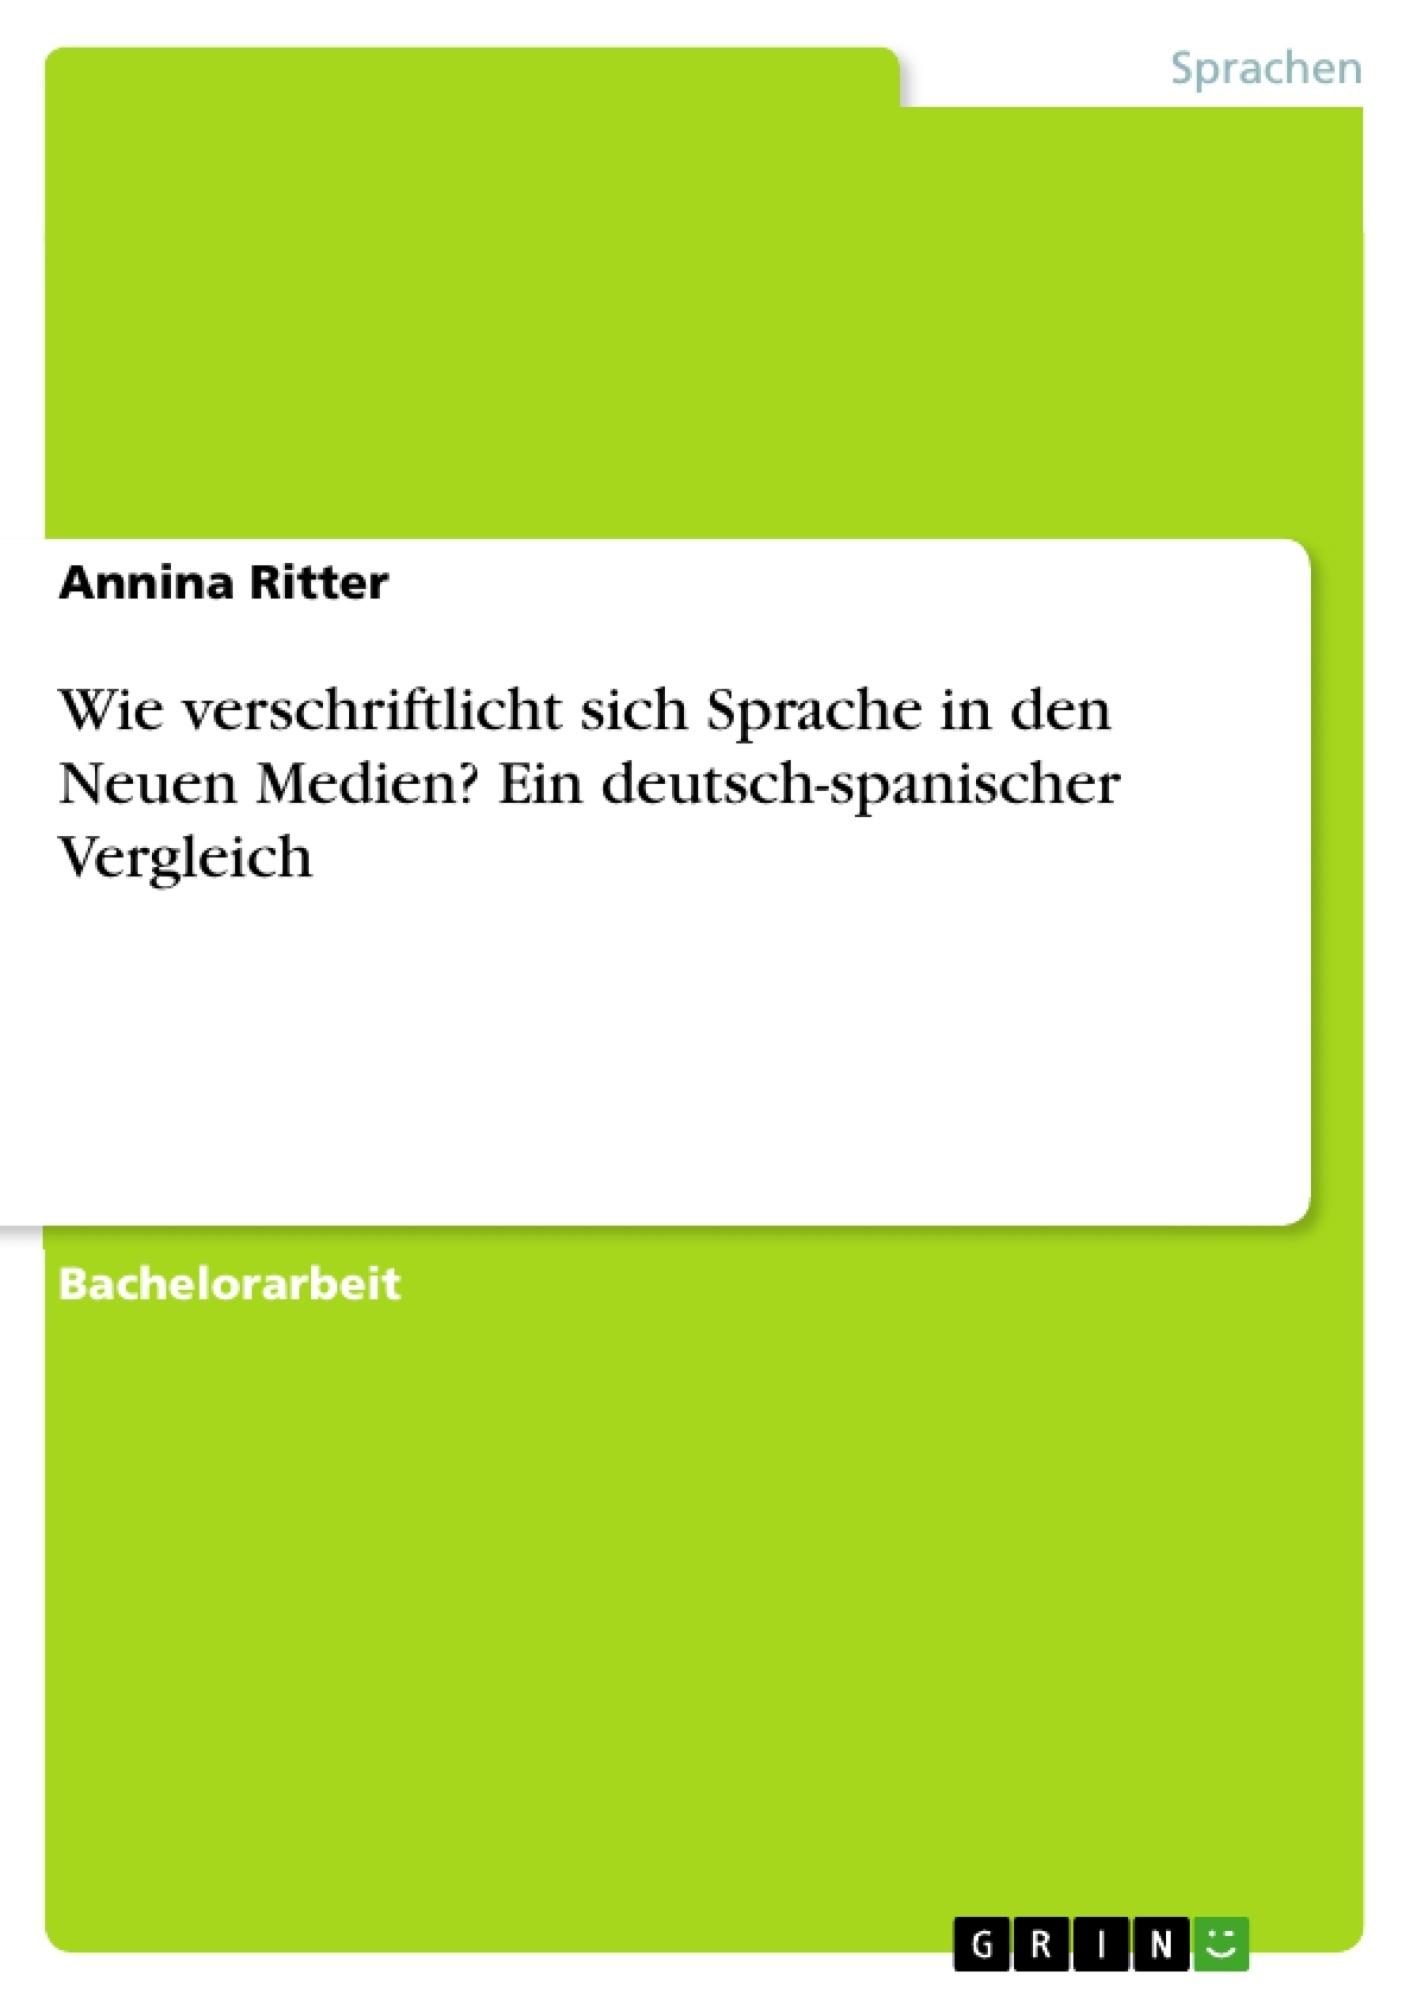 Titel: Wie verschriftlicht sich Sprache in den Neuen Medien? Ein deutsch-spanischer Vergleich